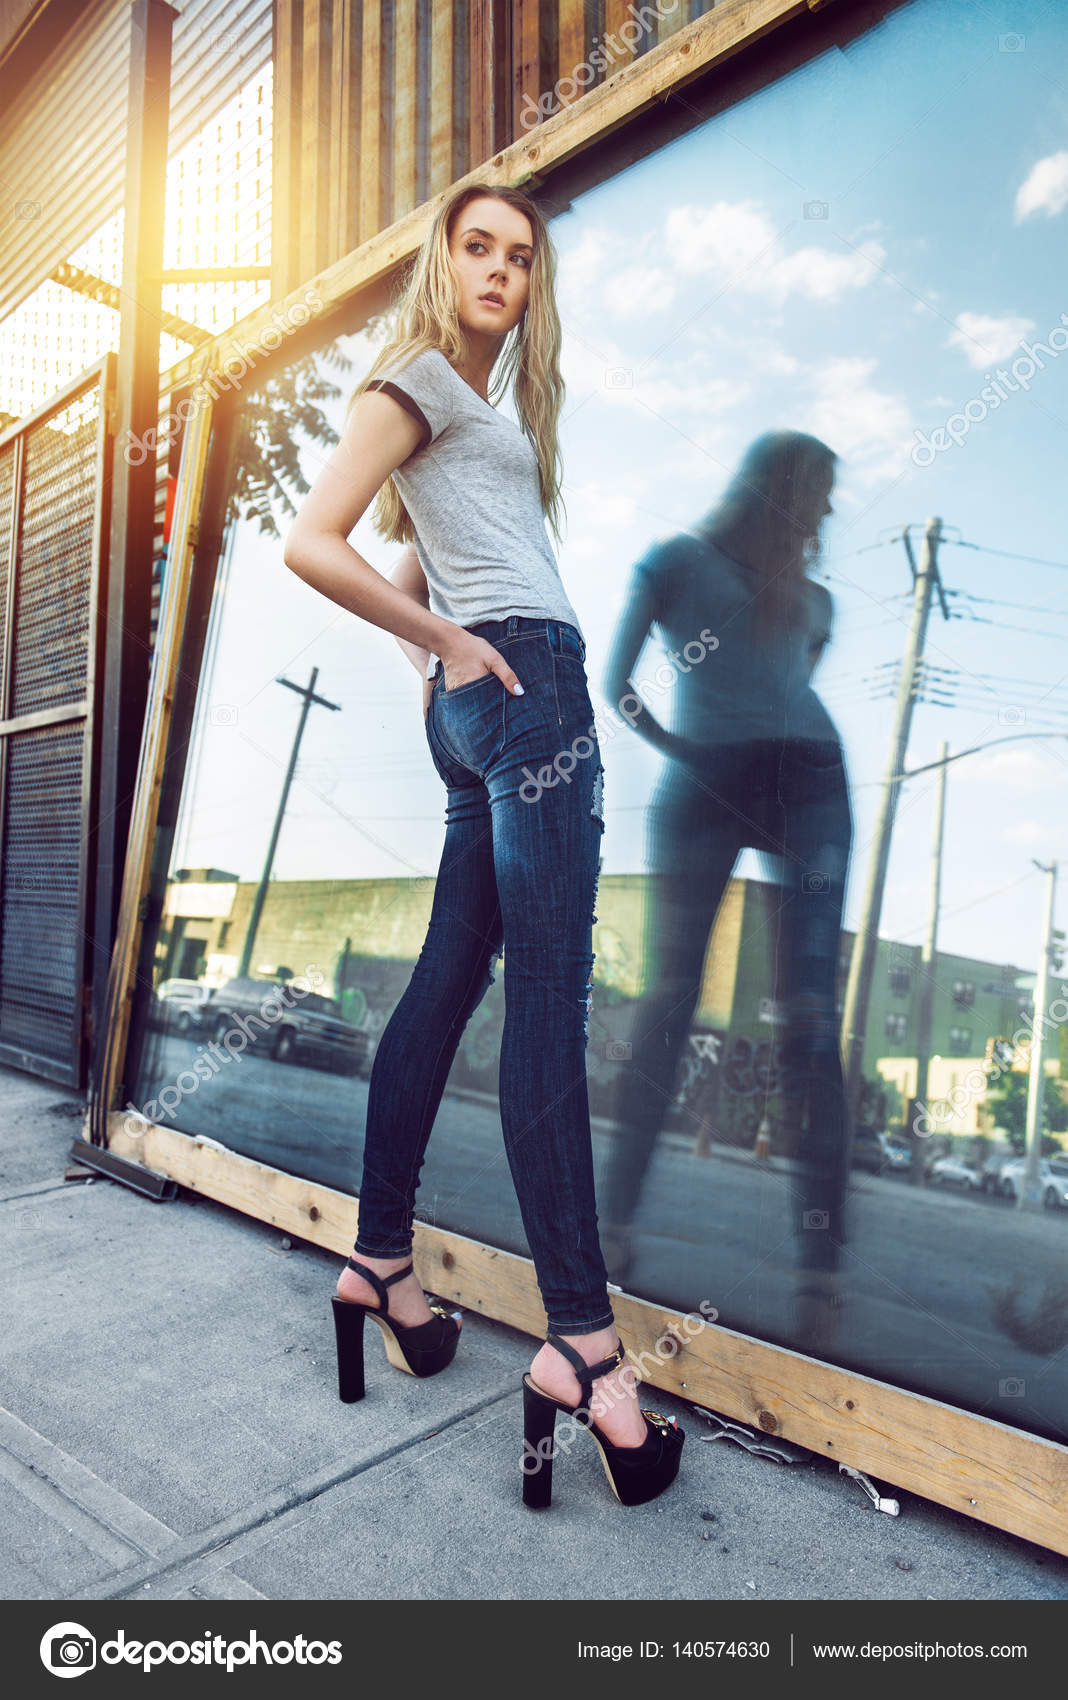 Смотреть видео девушек в джинсах на улице